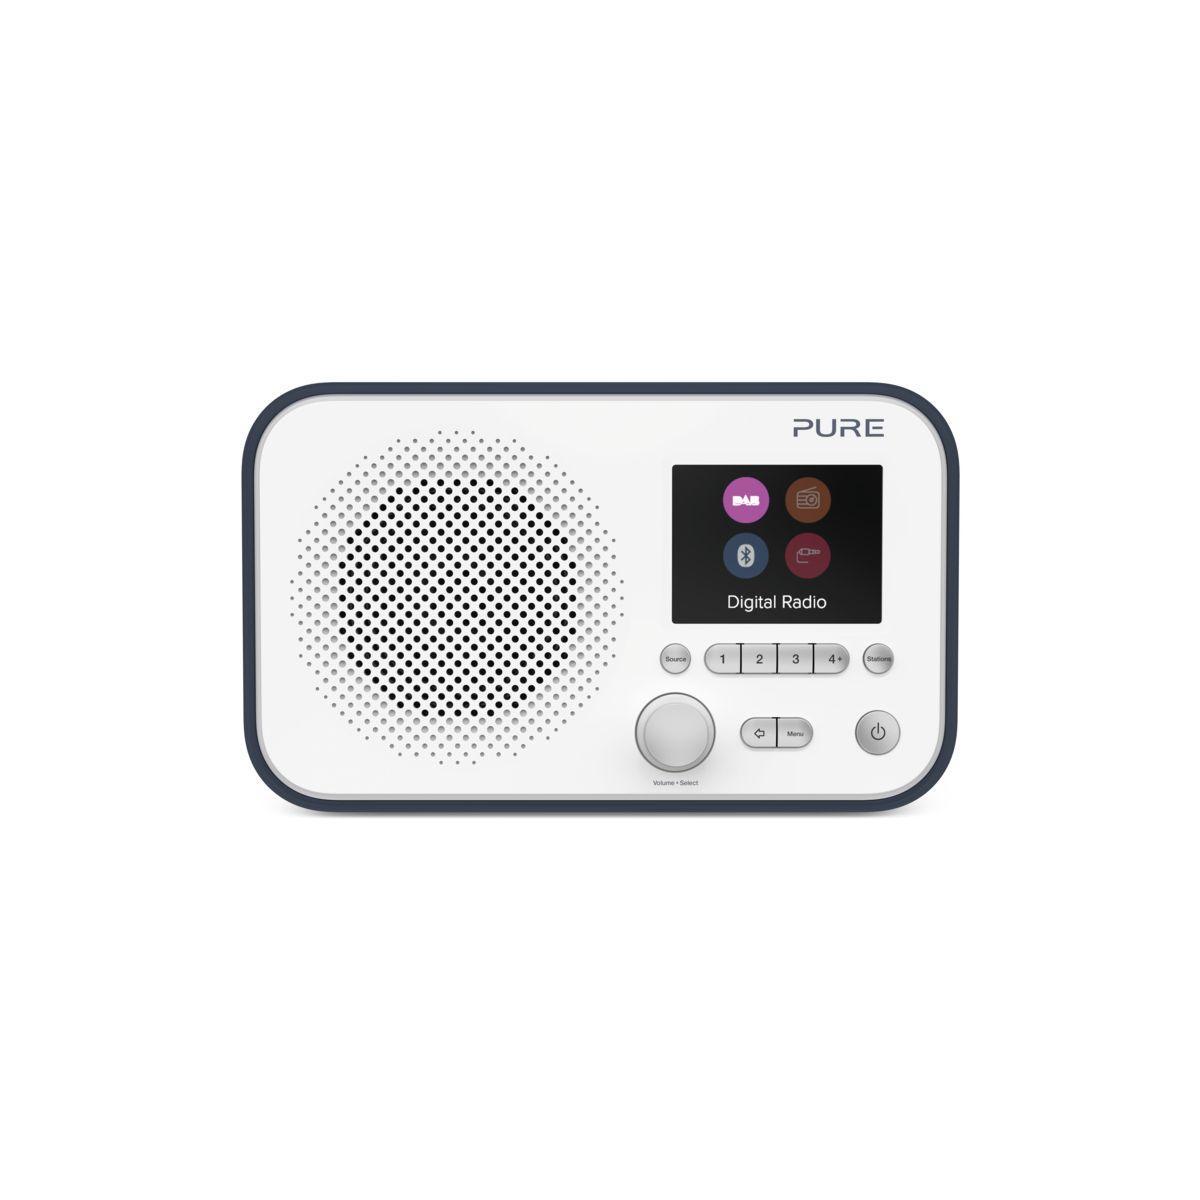 Radio num�rique pure elan bt3 bleue marine/blanche - 10% de remise imm�diate avec le c